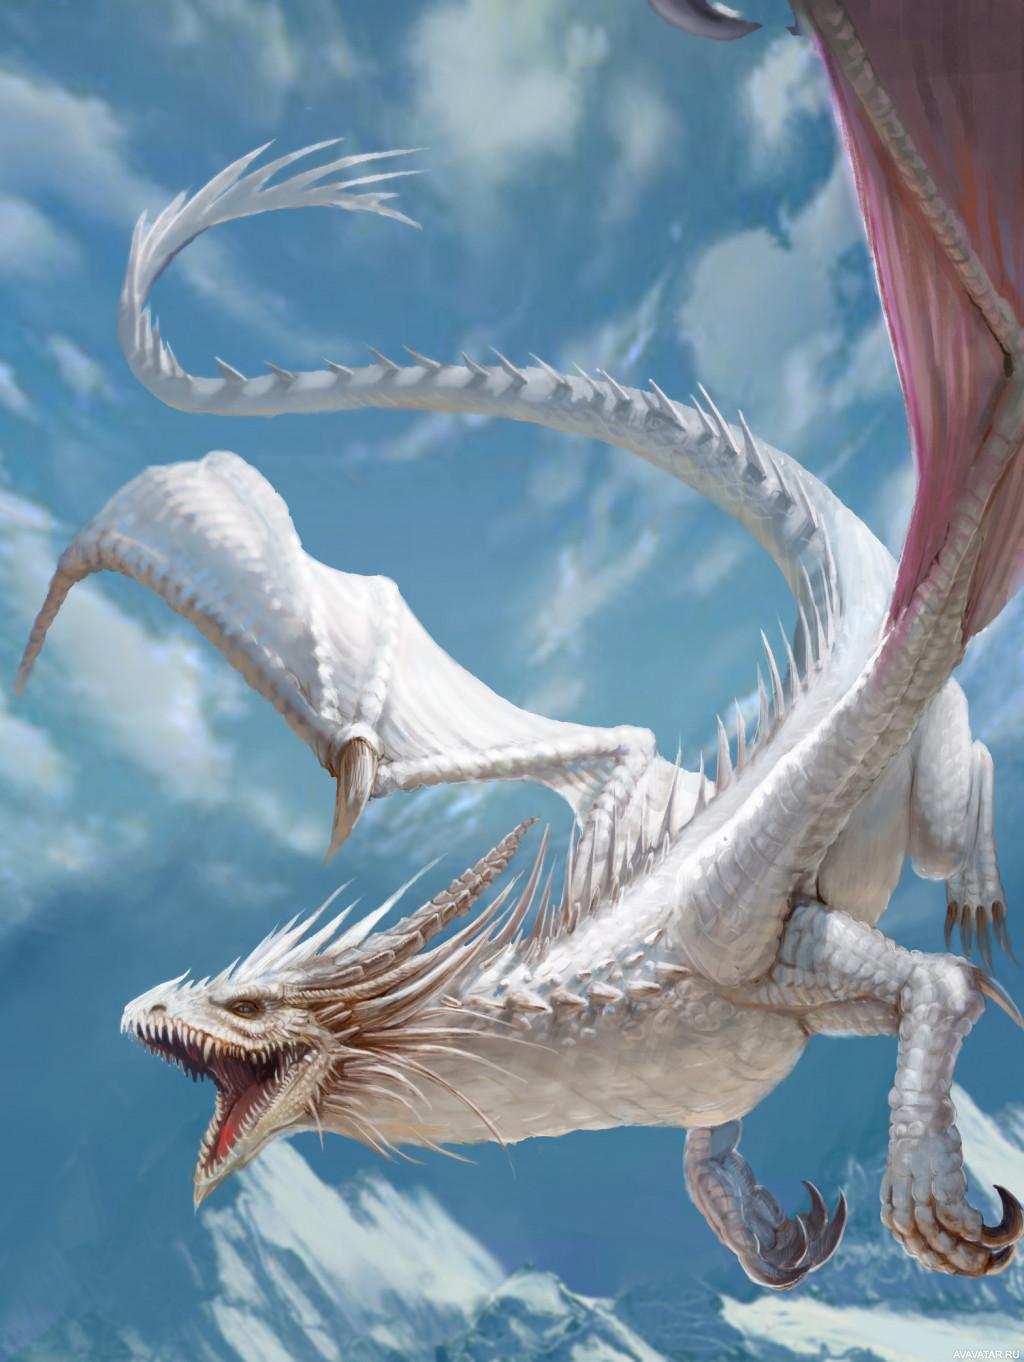 соцсетей большие картинки с драконами сделали фотографию планшет